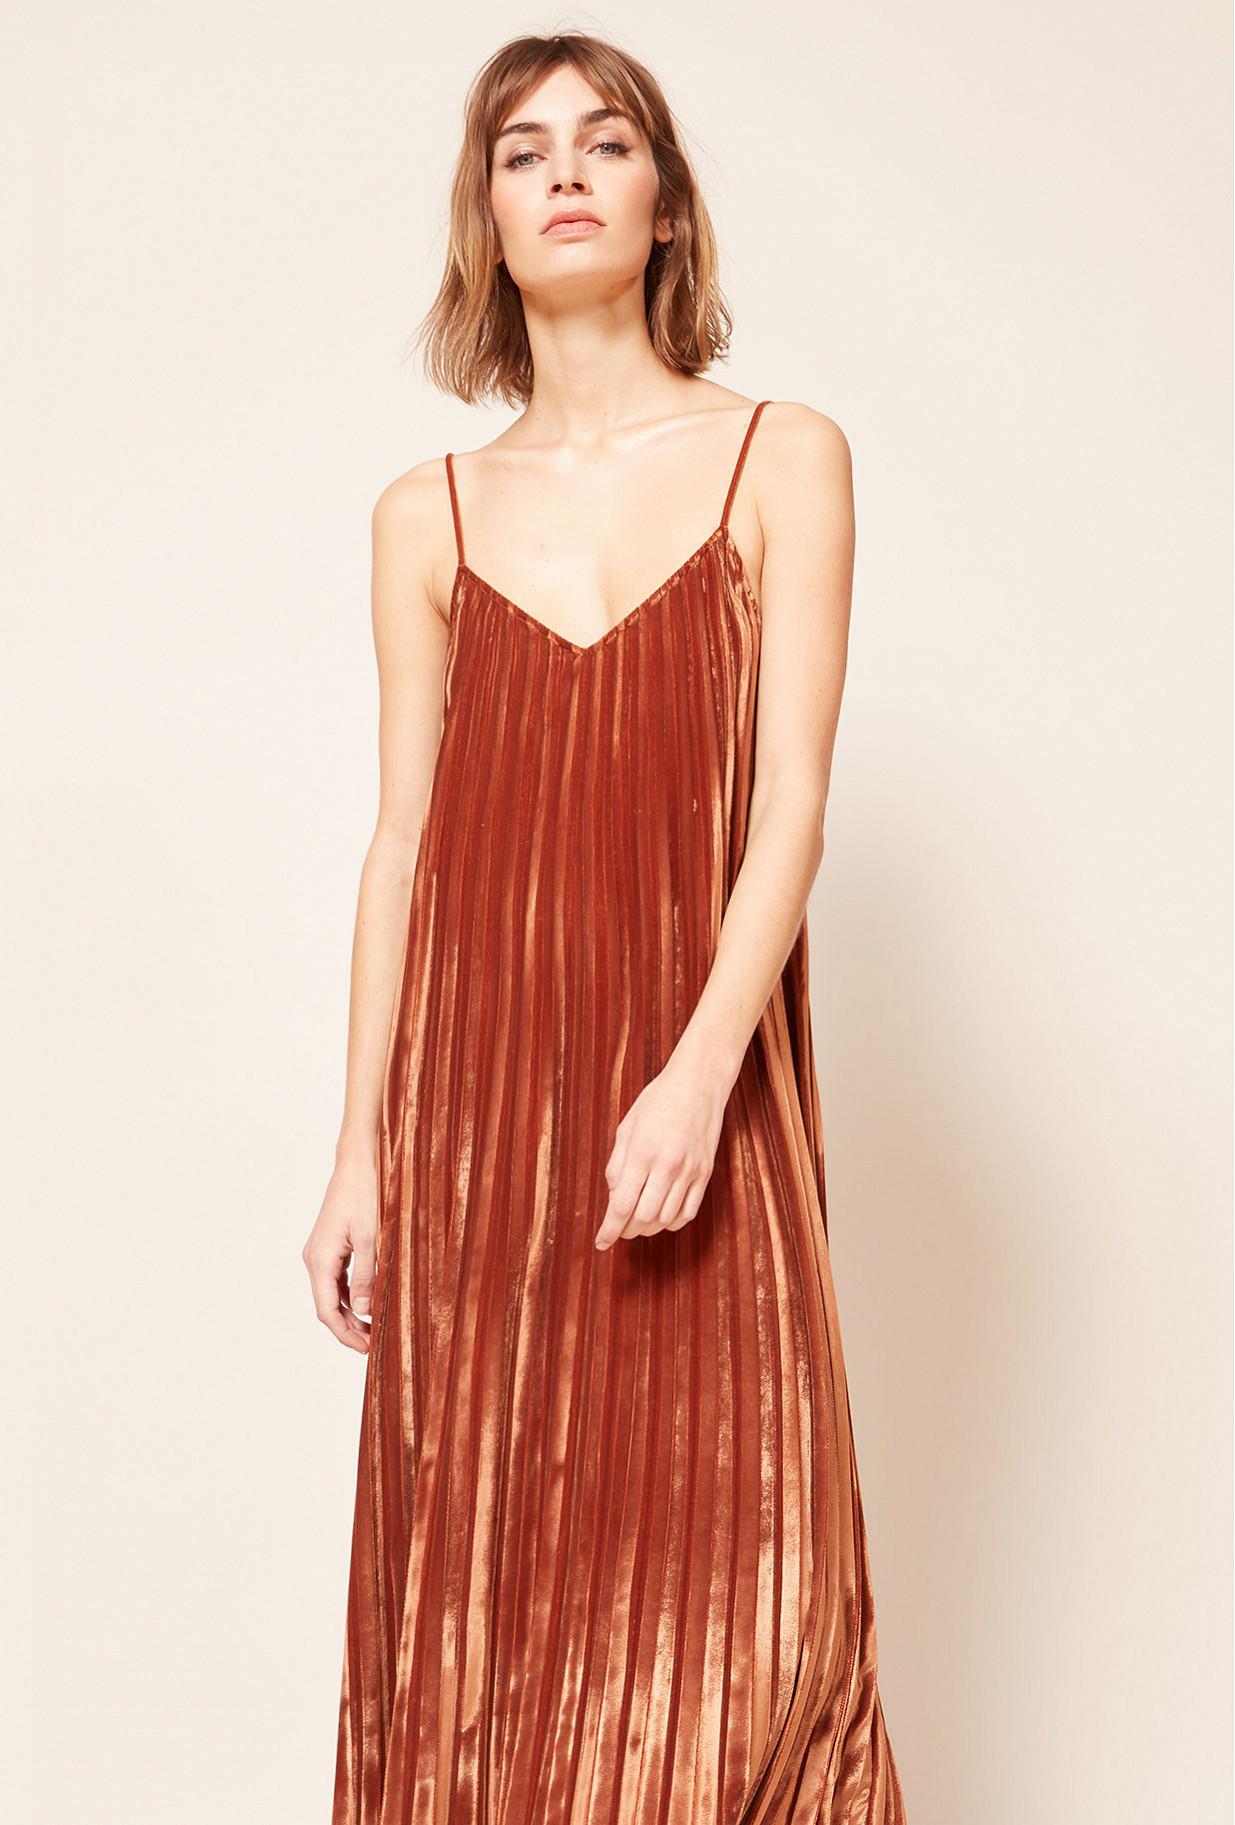 Paris boutique de mode vêtement Robe créateur bohème  Maureen